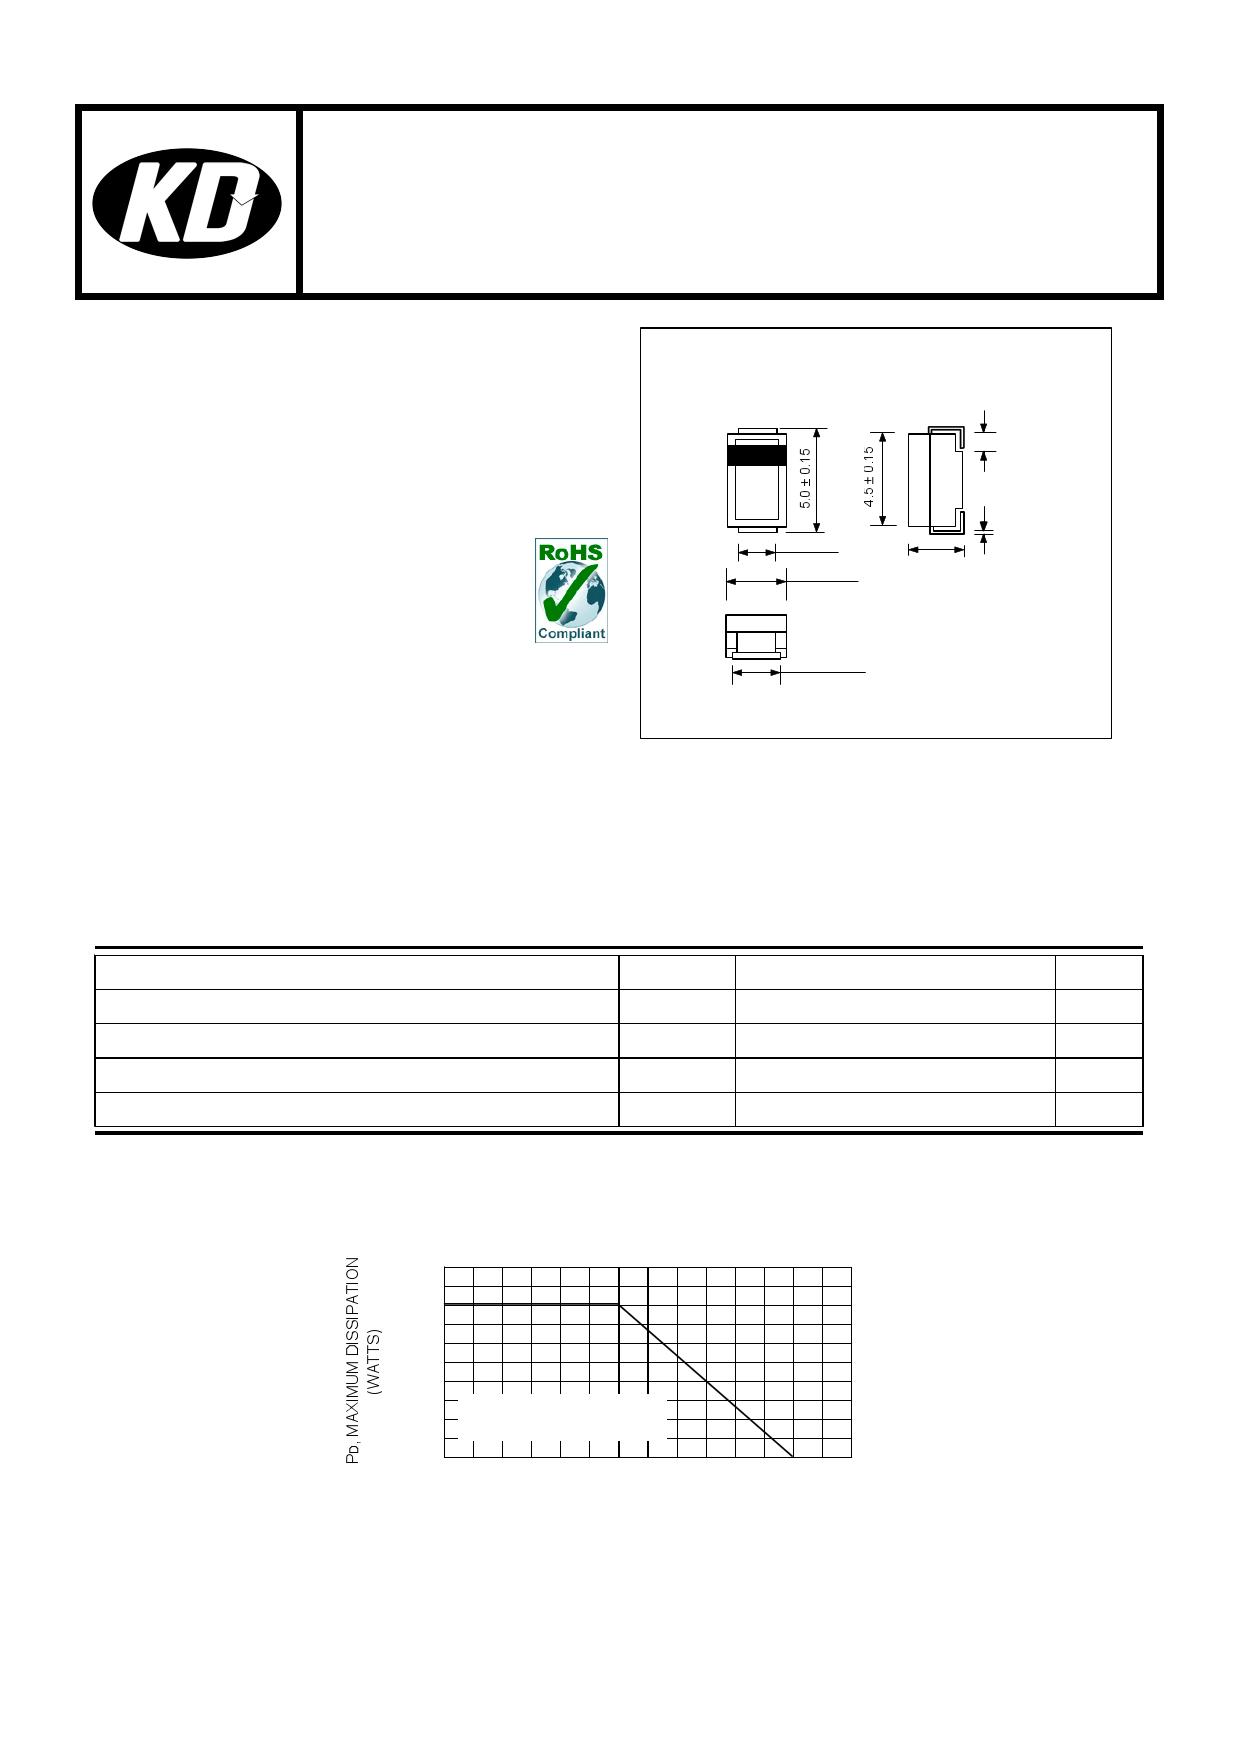 SZ40B3 datasheet